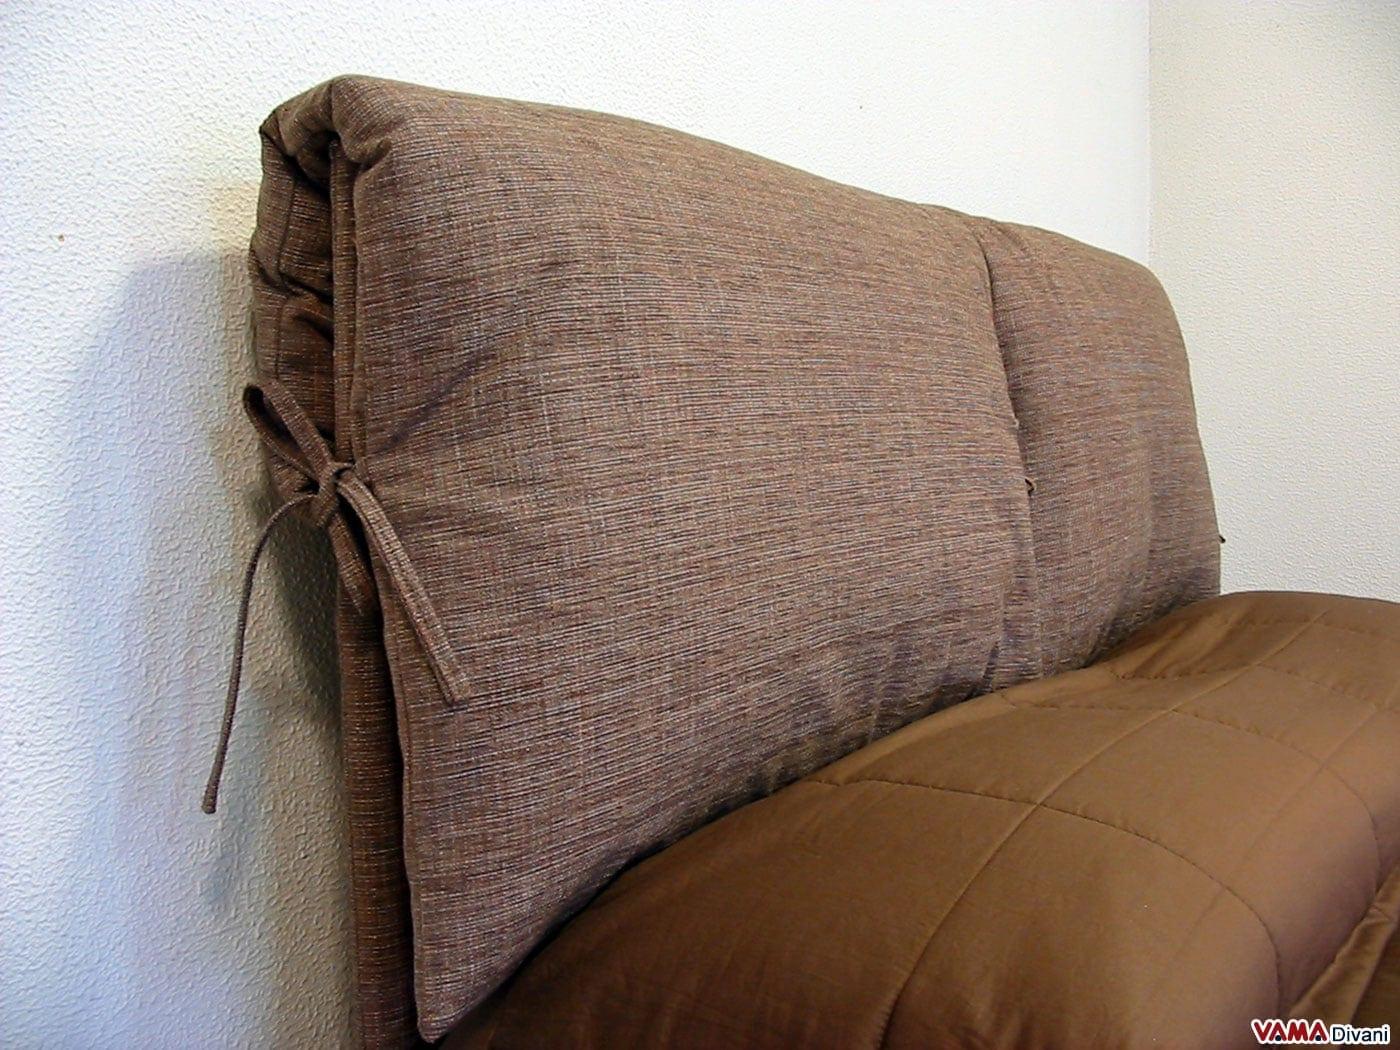 Letto in tessuto con due cuscini imbottiti come testata for Spalliere letto ikea